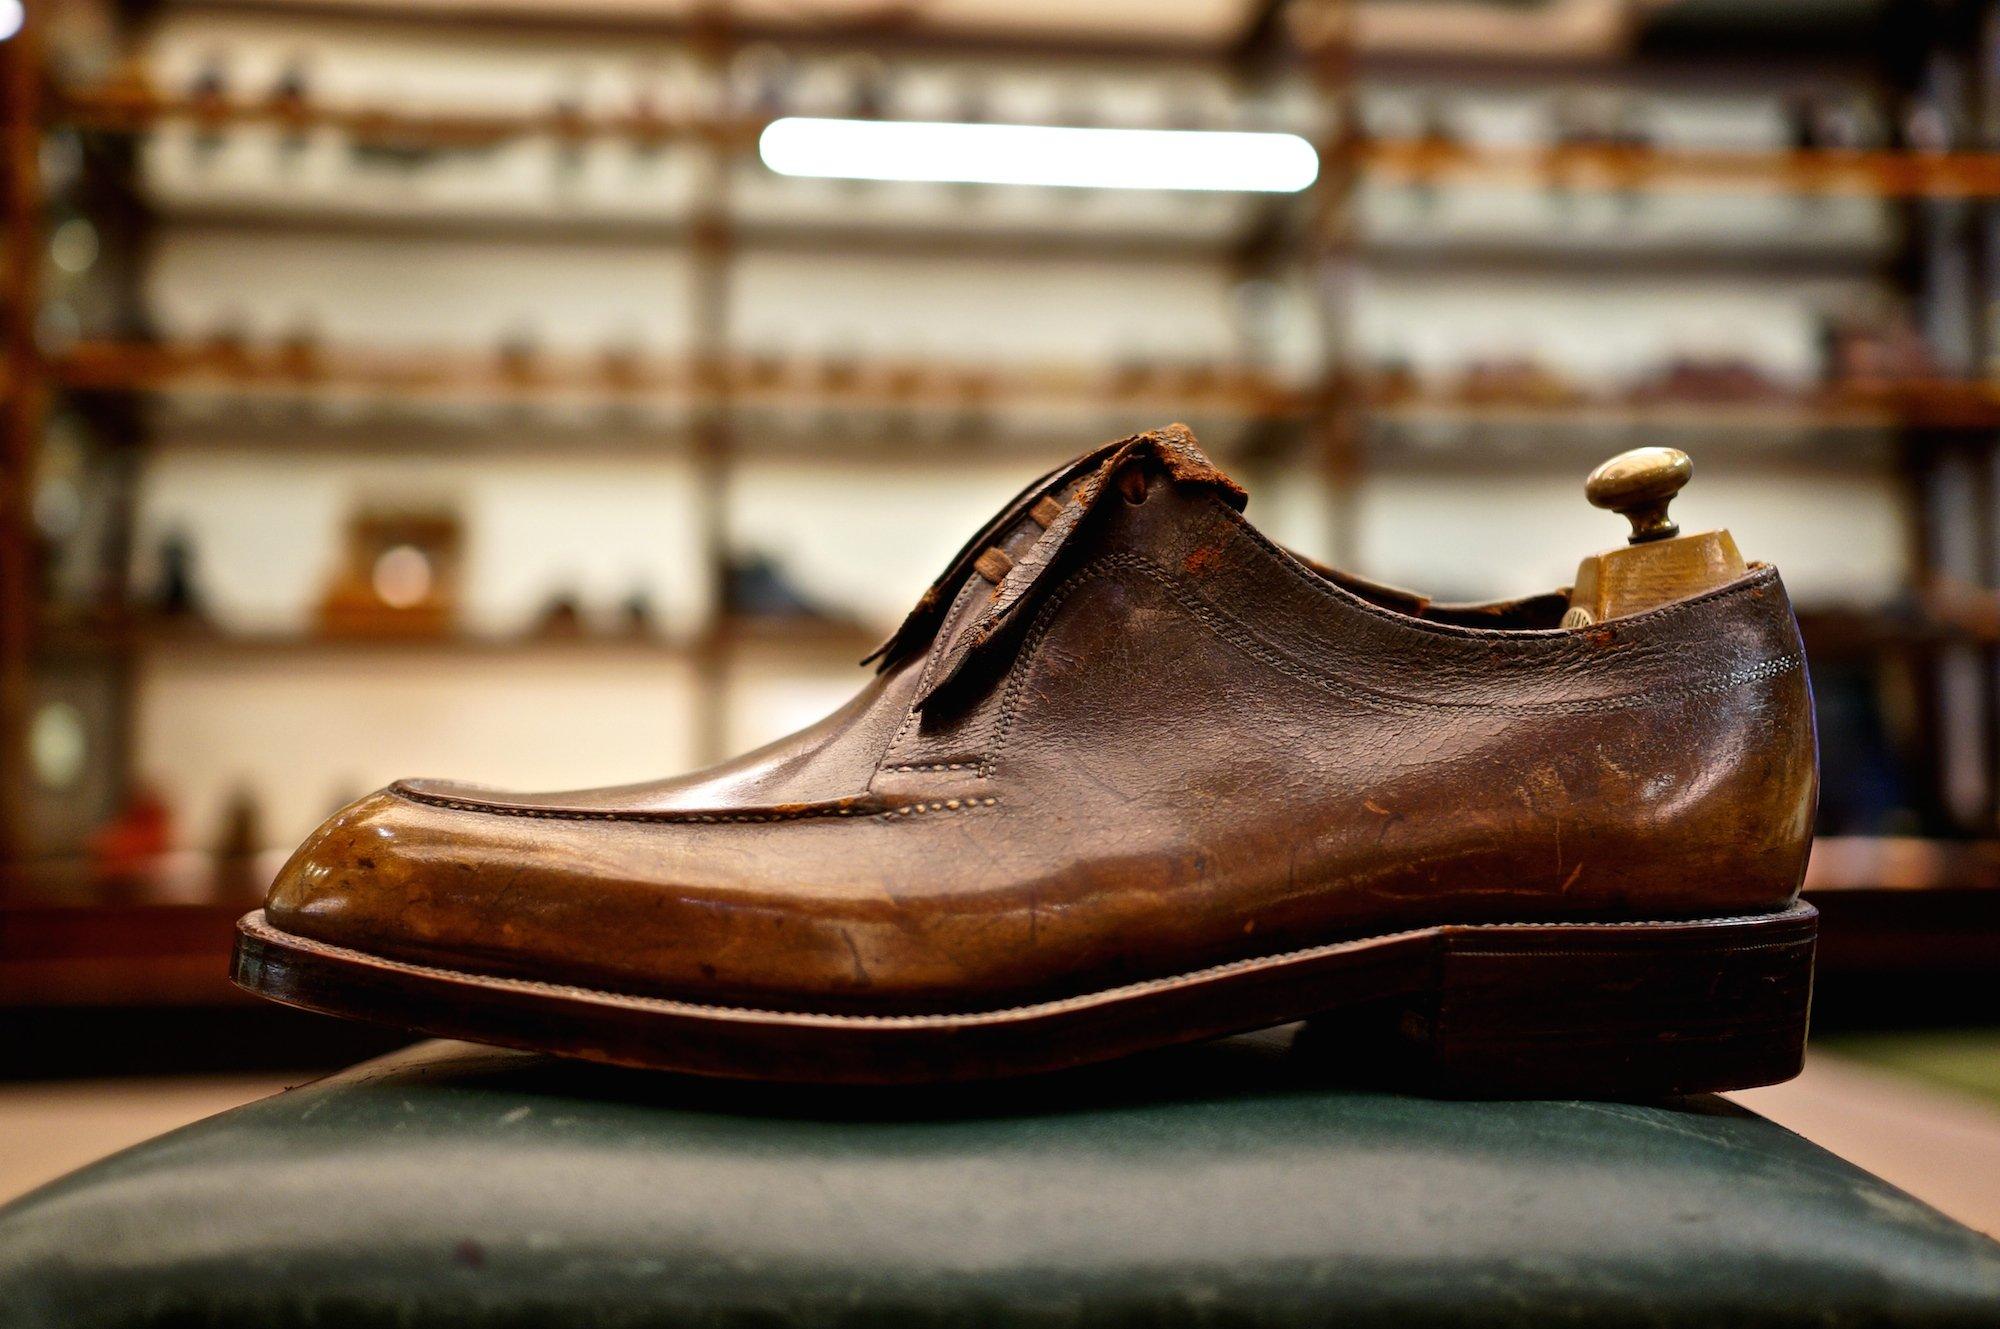 Fosters Bestpoke shoe